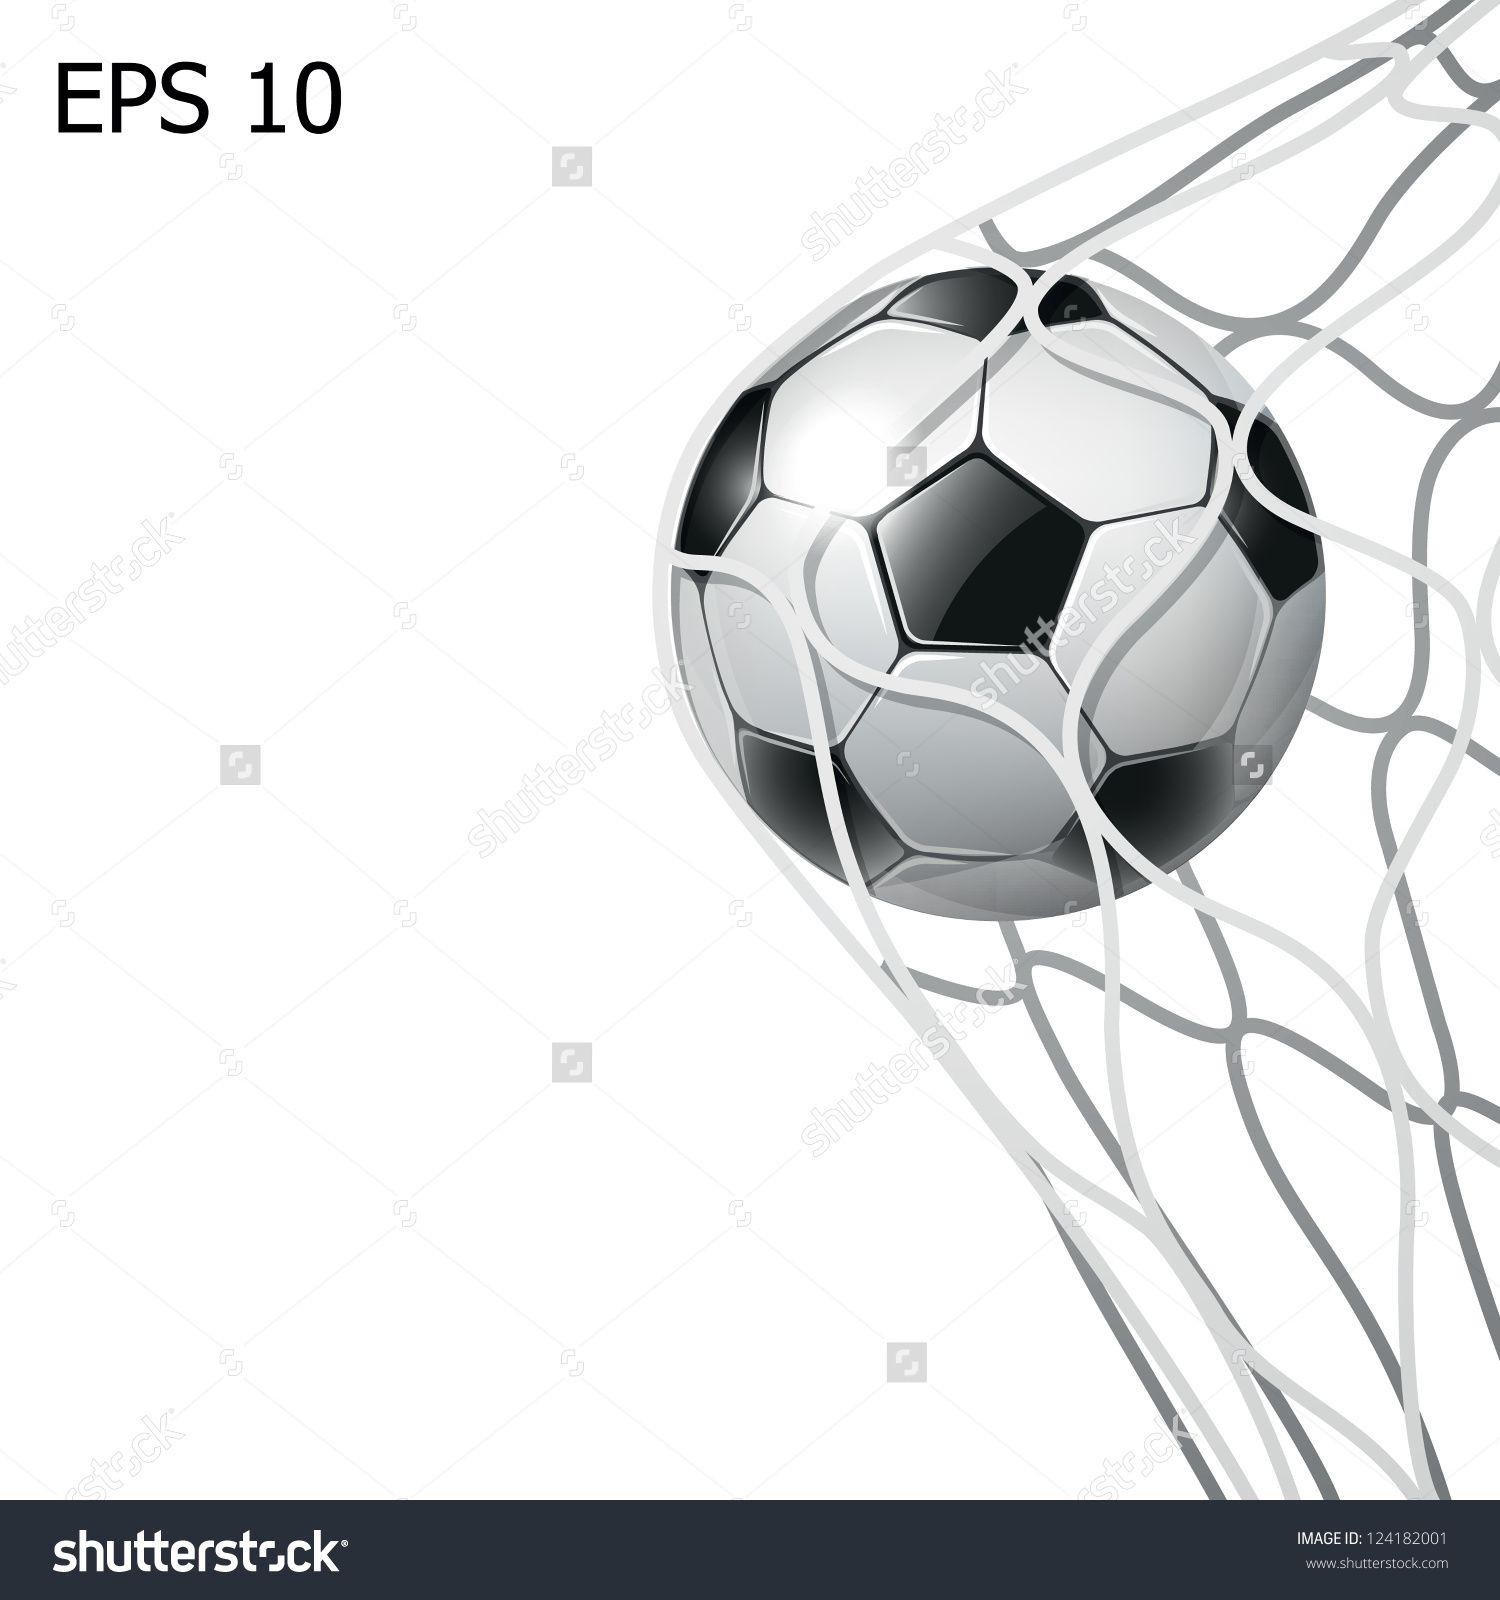 Isolated Soccer Ball In The Goal Net Eps10 Illustration Esportes Futebol